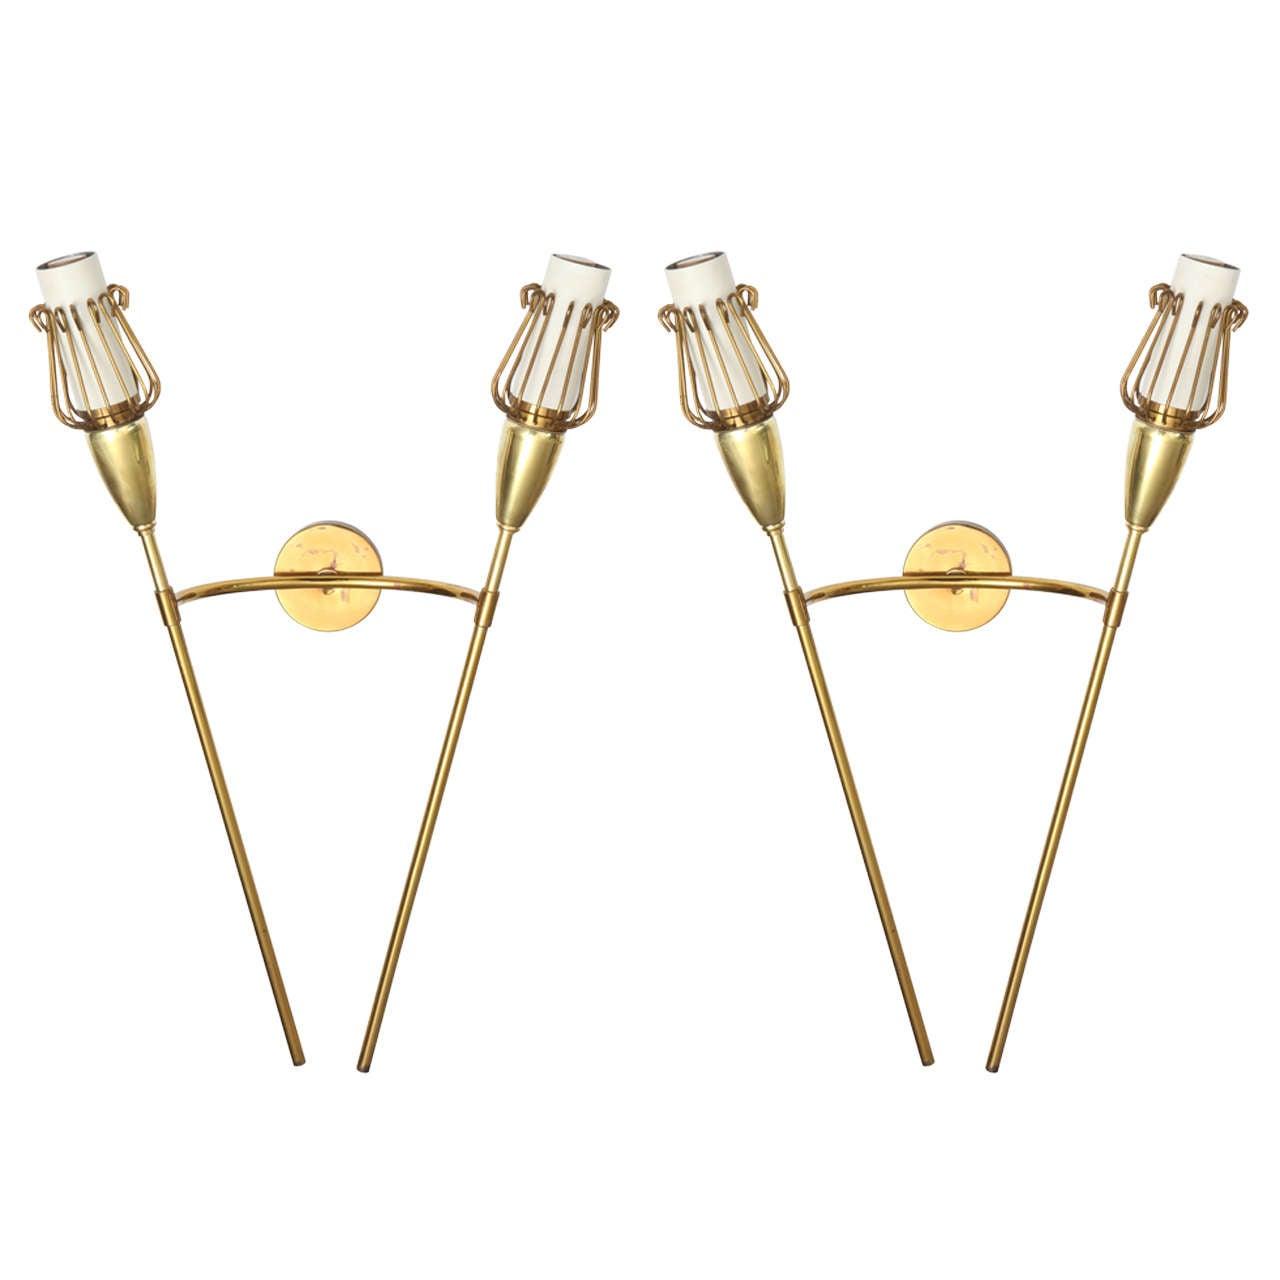 Double Sconces by Lunel for Royal Lumière